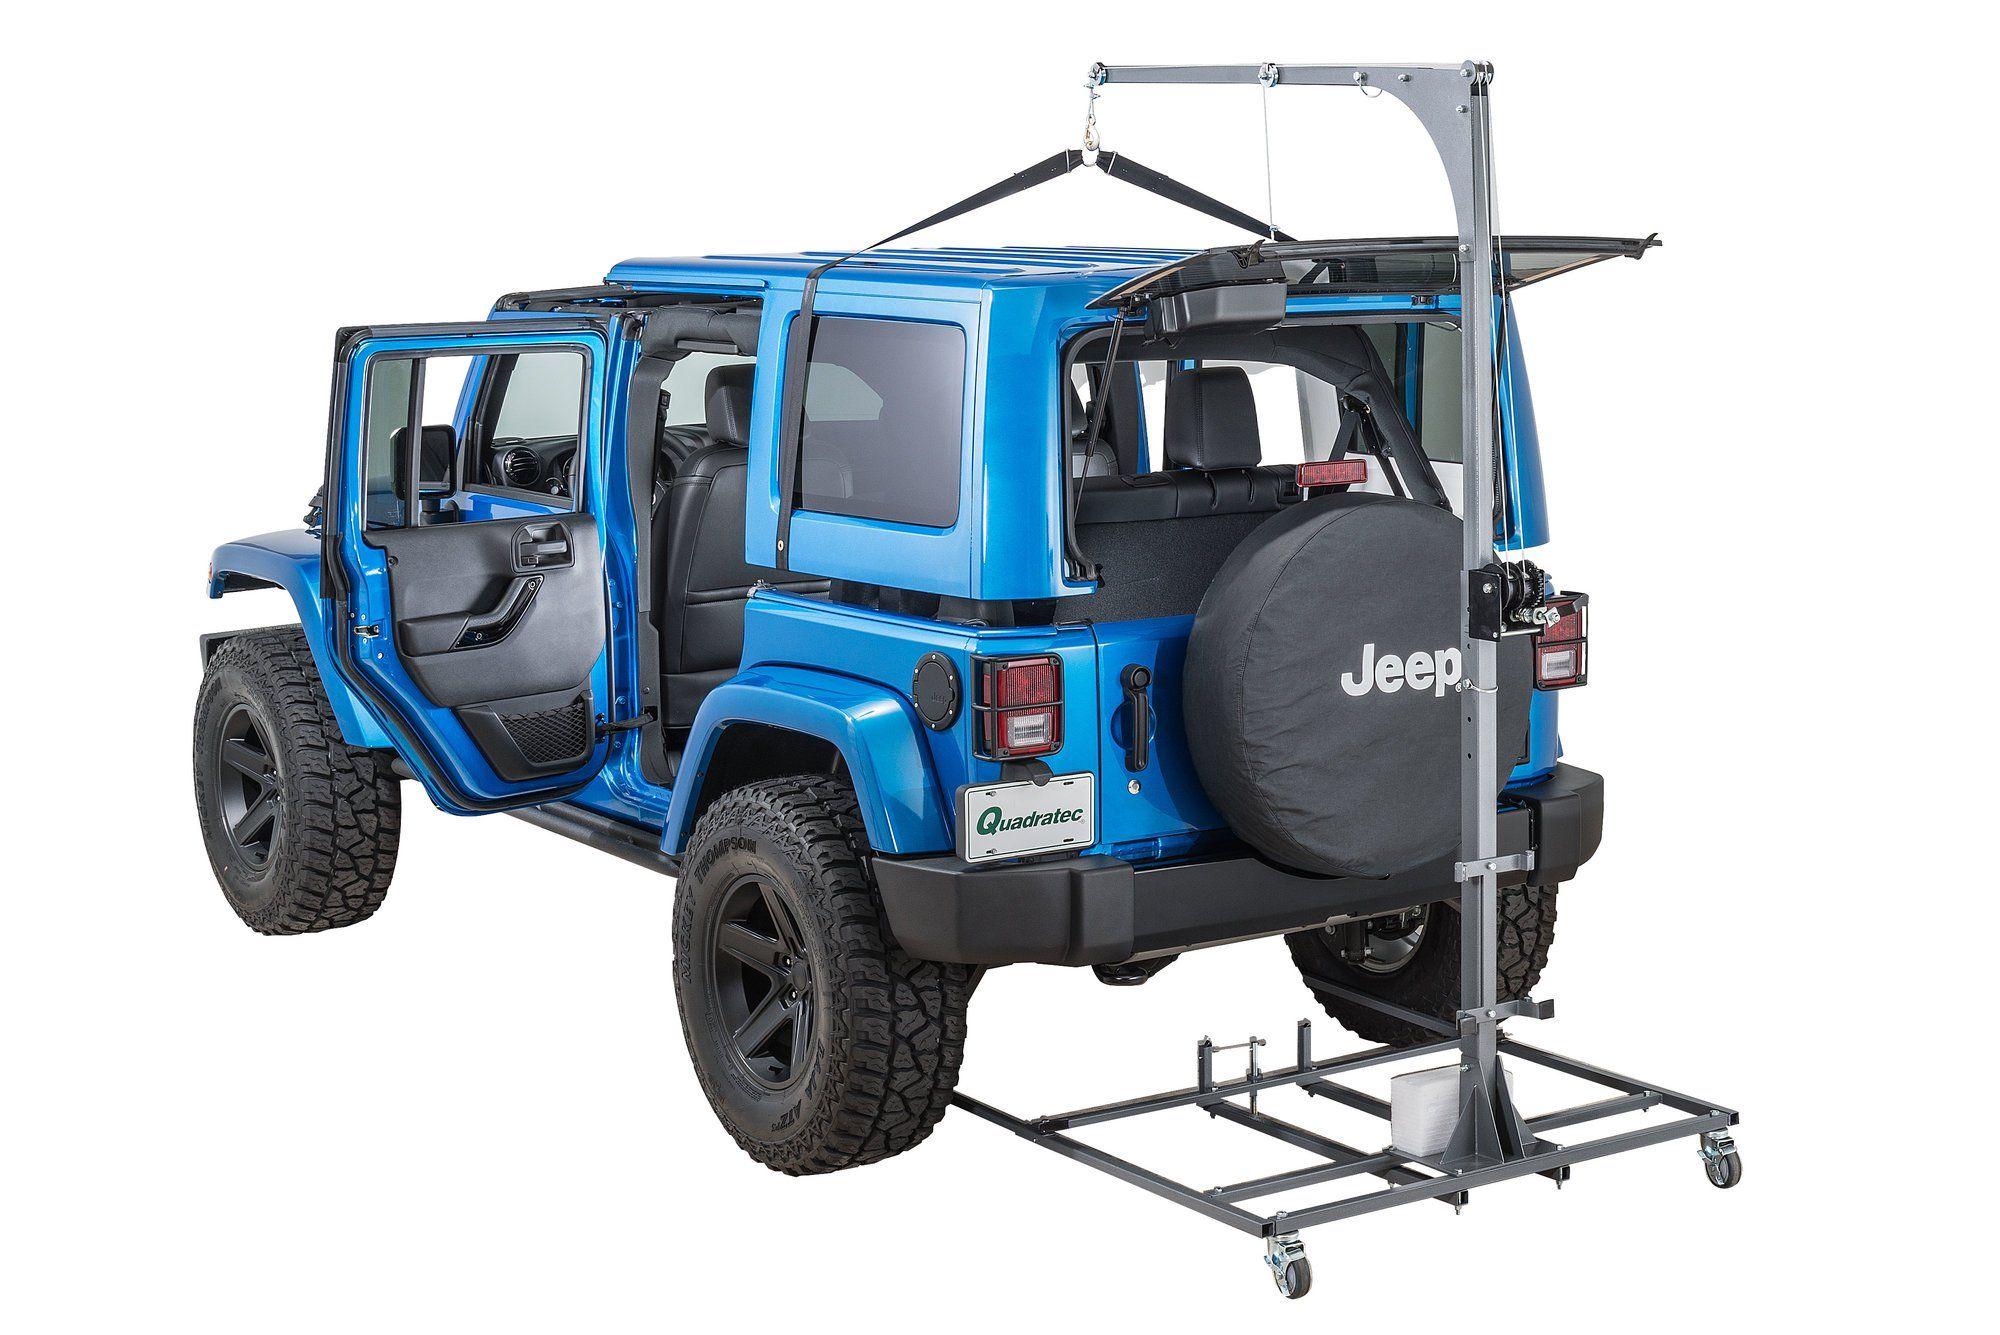 Jeep Lange Originals 014 100 Hoist A Cart Quadratec Jeep Wrangler Jeep Parts Jeep Wrangler Jk